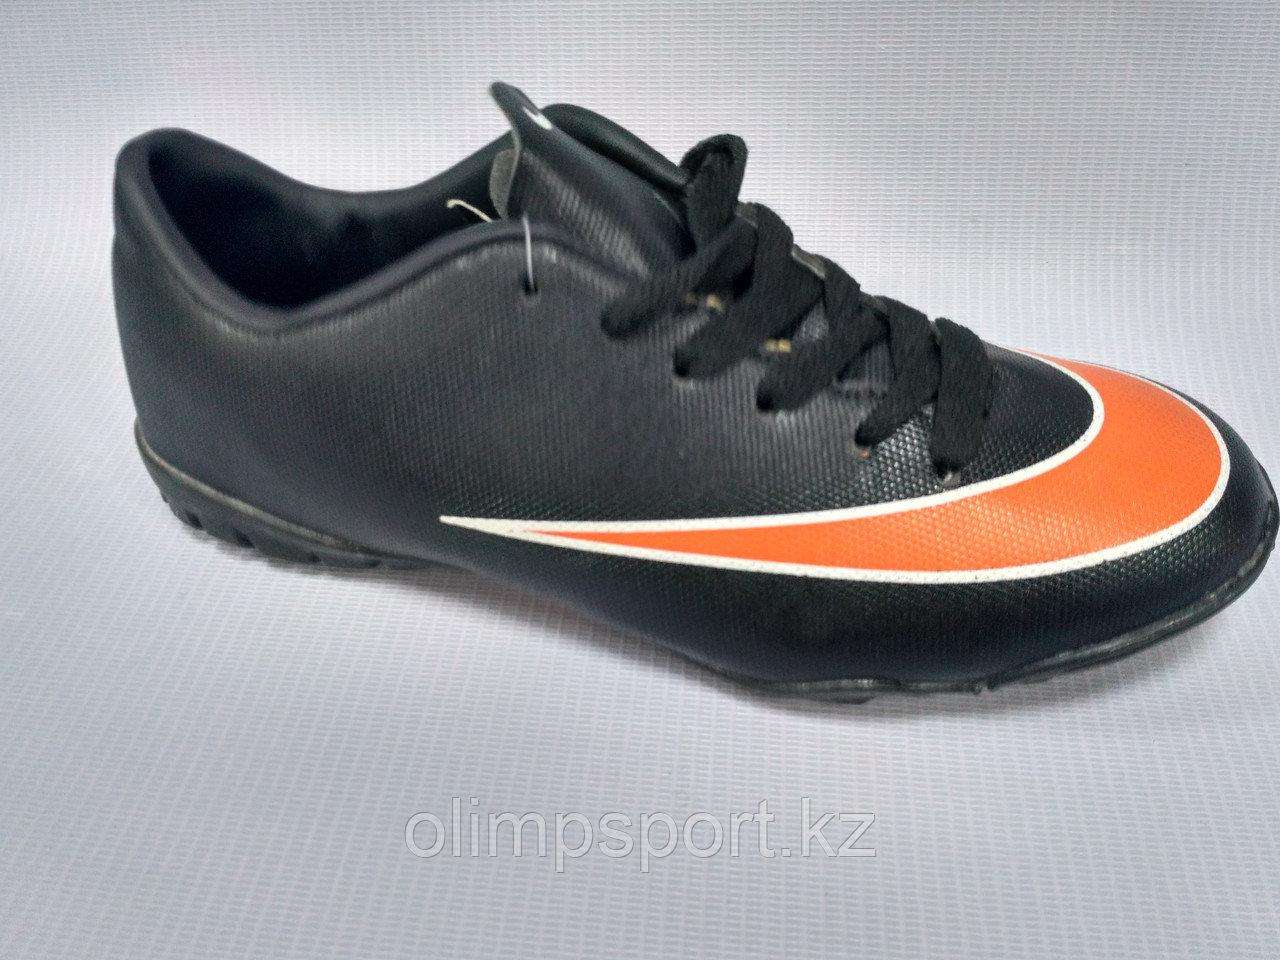 Обувь для футбола, шиповки, детские сороконожки  Nike Mercurial